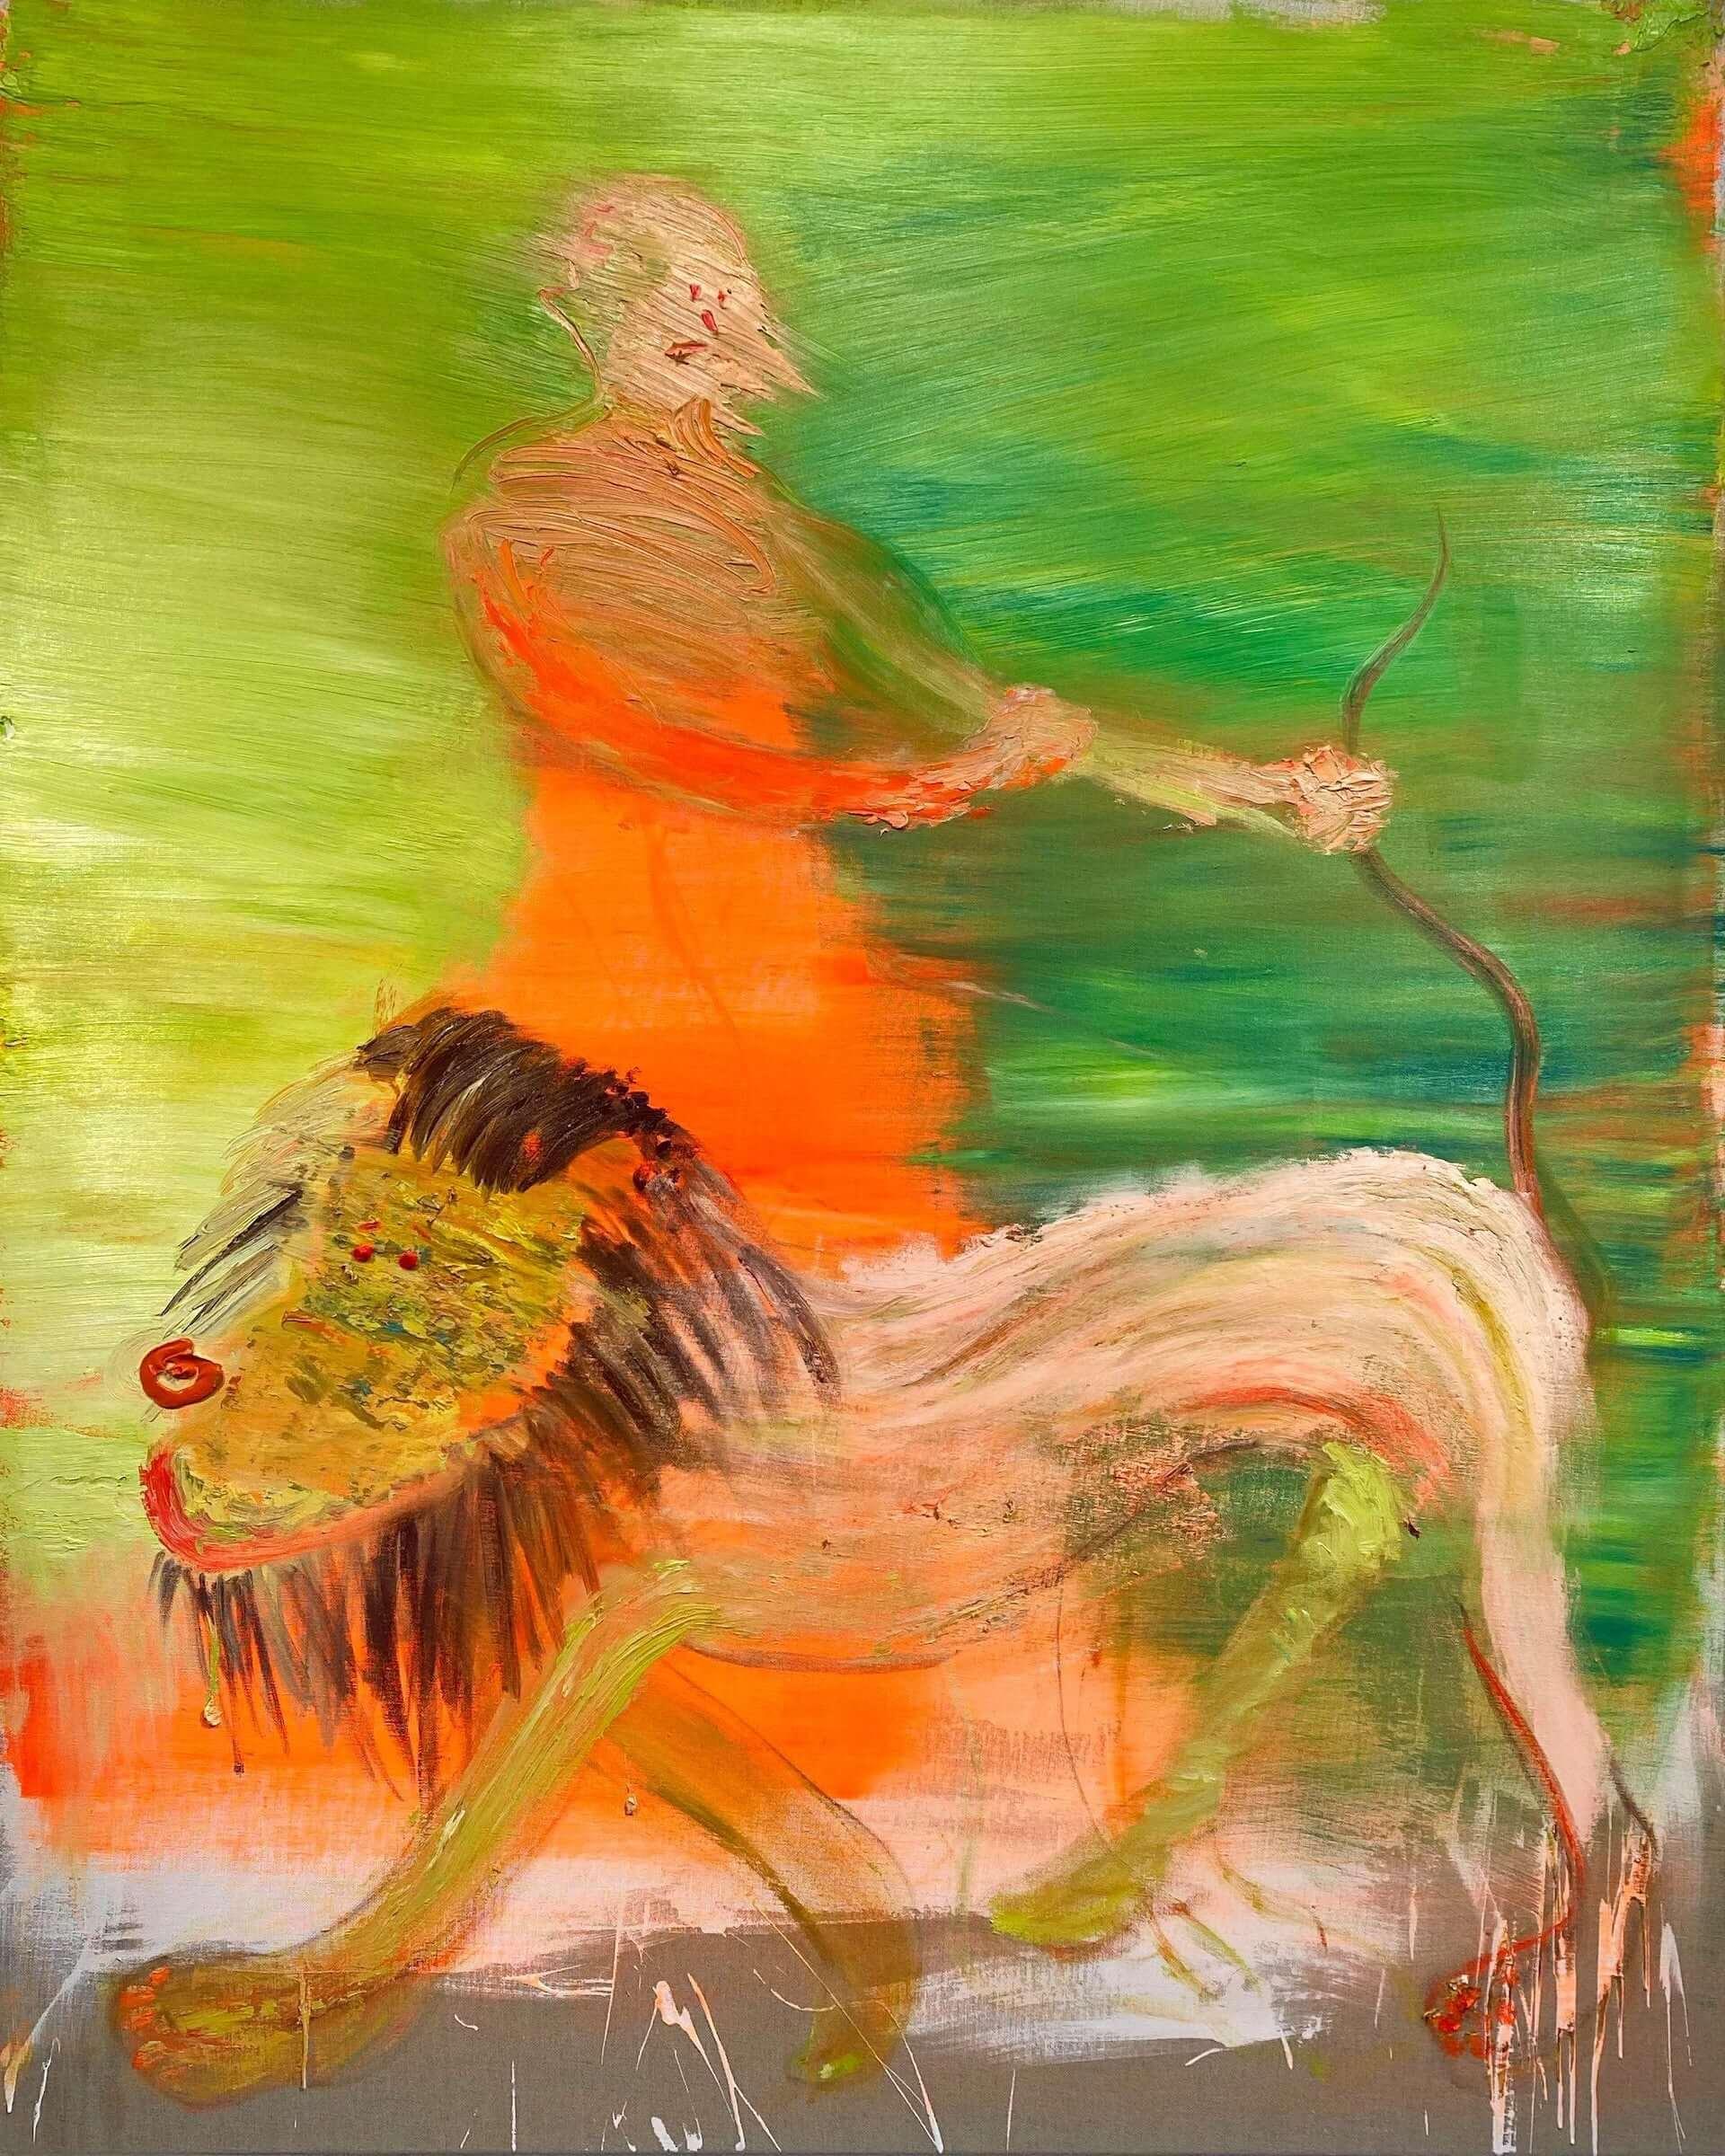 京都、奈良を拠点とする東慎也、米村優人の作品展<神の左手 悪魔の右手>が渋谷EUKARYOTEにて開催! art200722_eukaryote_2-1920x2400